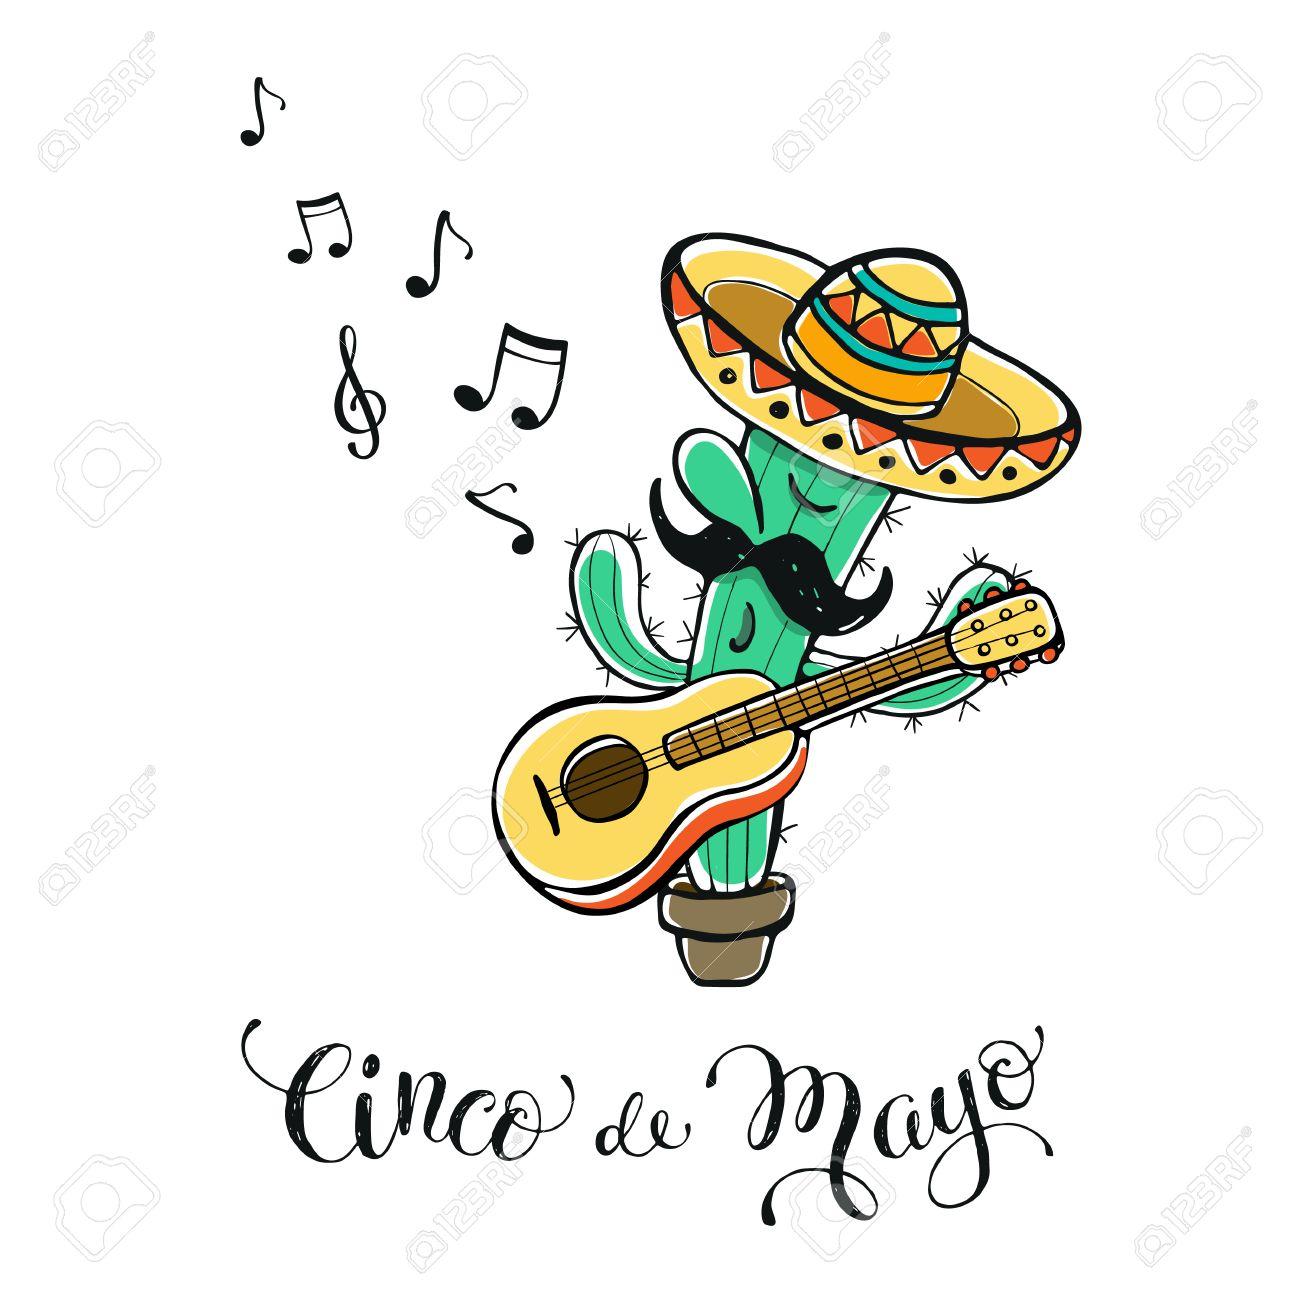 1300x1300 Funny Cinco De Mayo Illustration. Cartoon Cactus In Mexican Hat